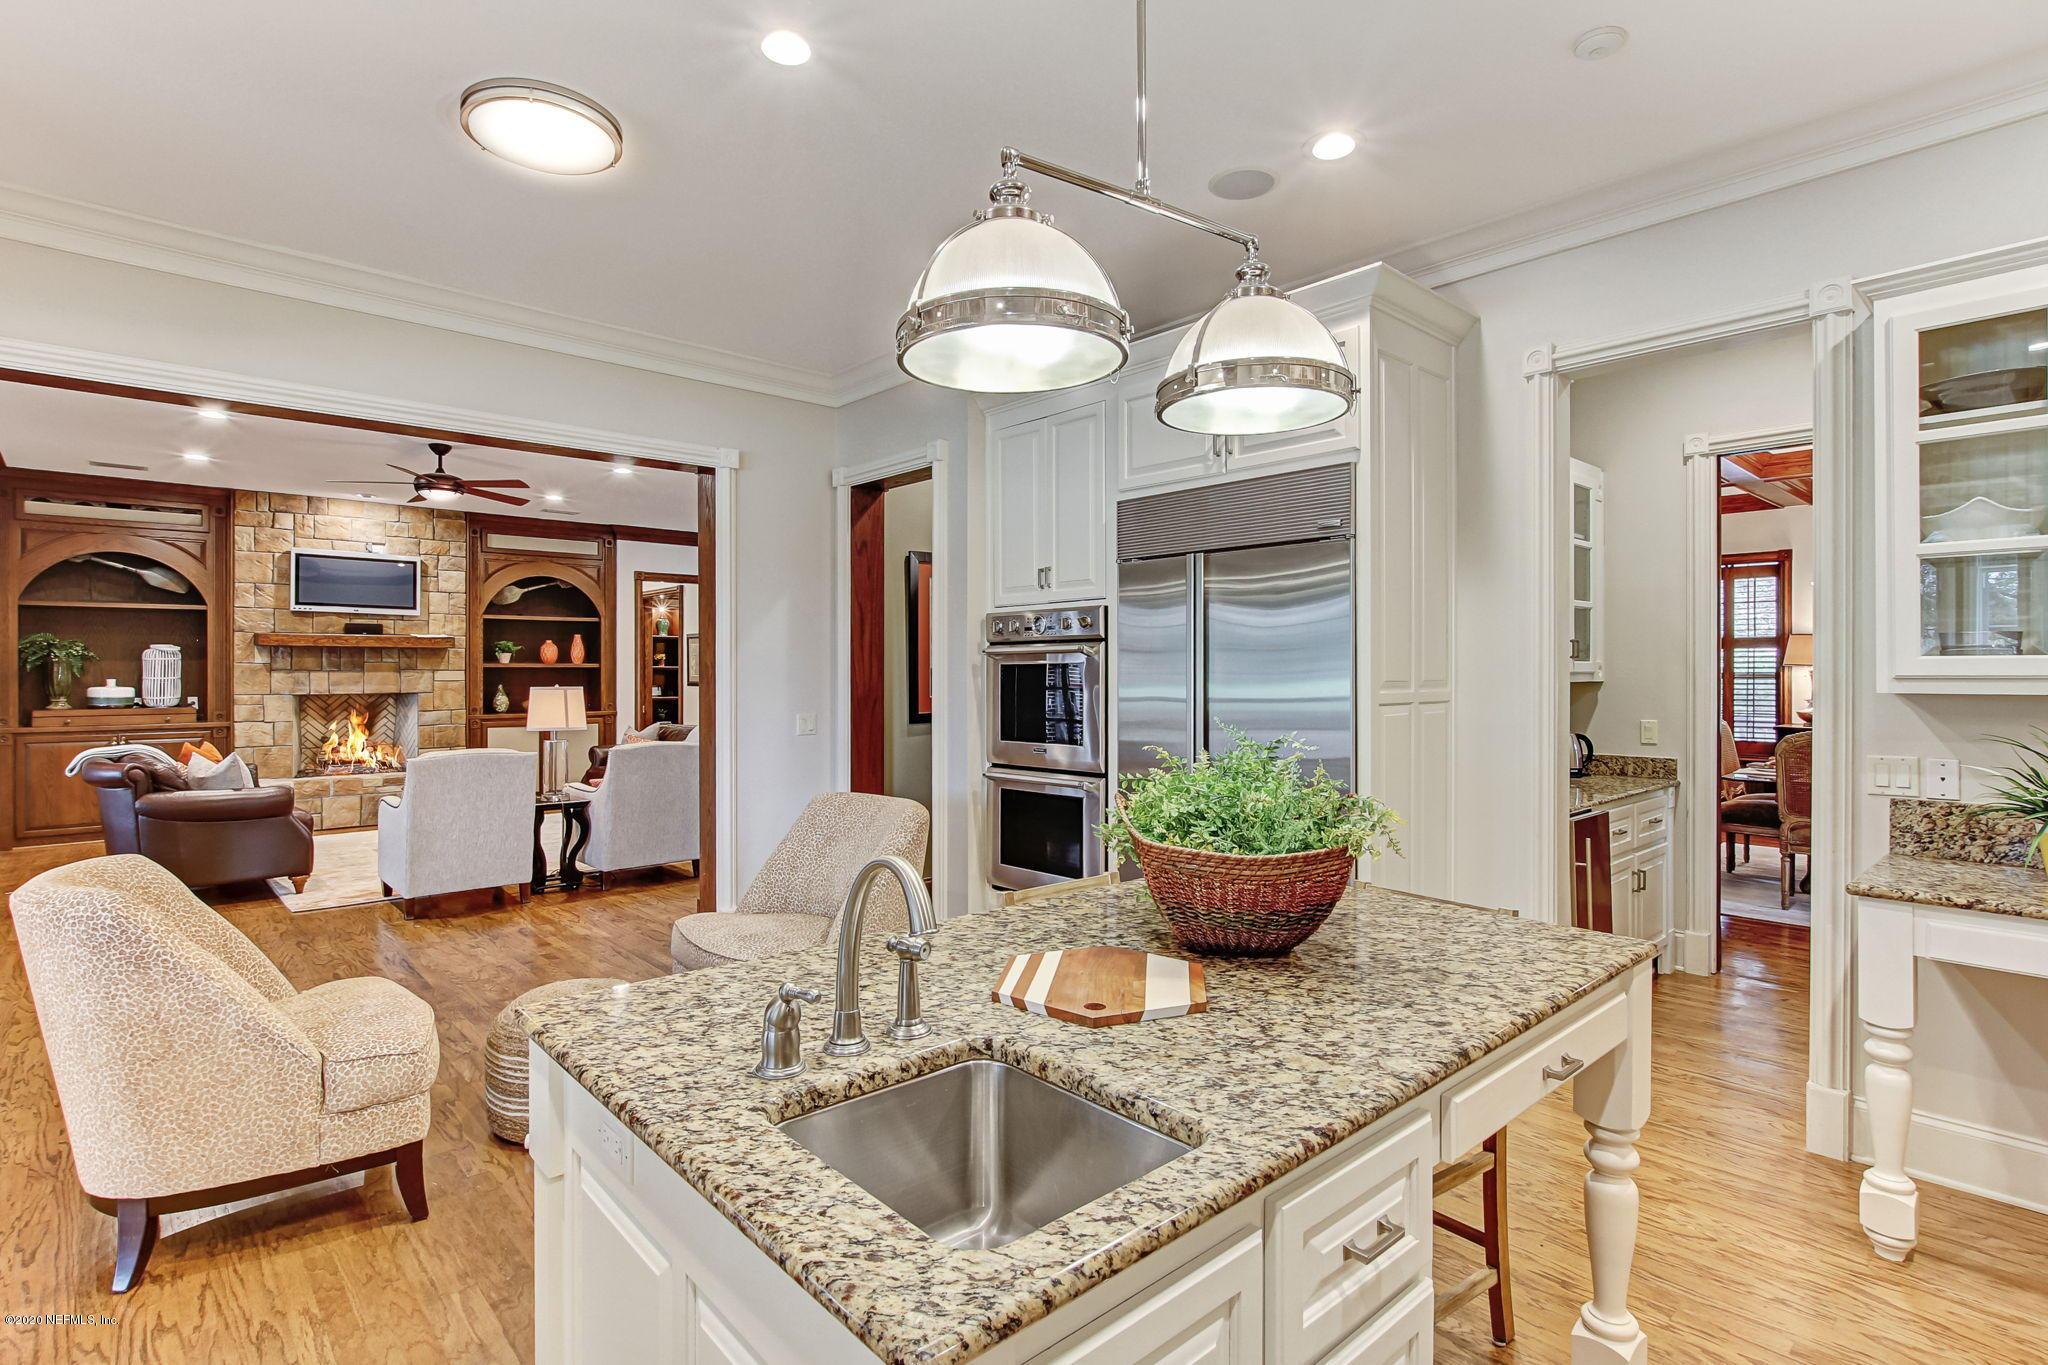 4538 SWILCAN BRIDGE, JACKSONVILLE, FLORIDA 32224, 5 Bedrooms Bedrooms, ,4 BathroomsBathrooms,Rental,For Rent,SWILCAN BRIDGE,1065514